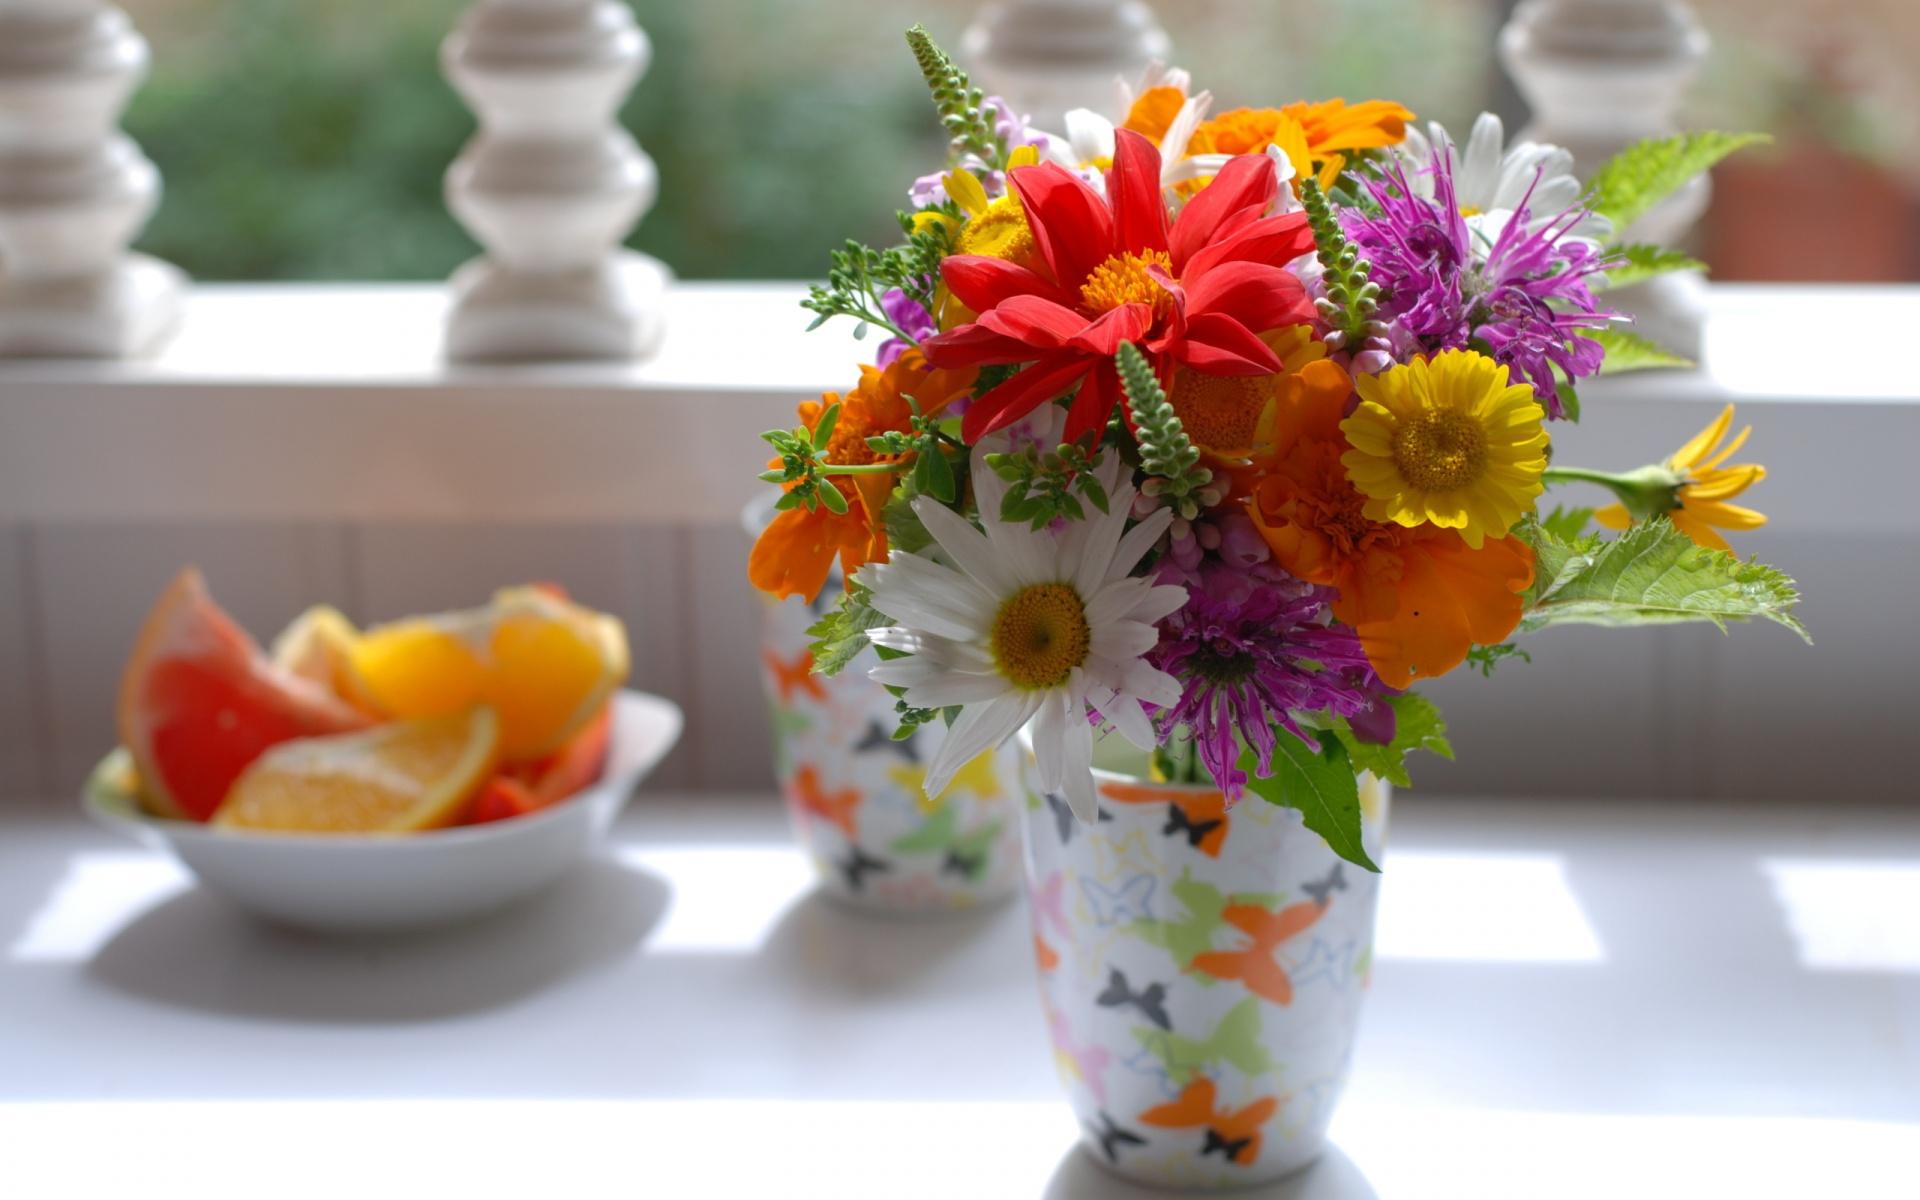 Flower Bouquet Computer Wallpaper